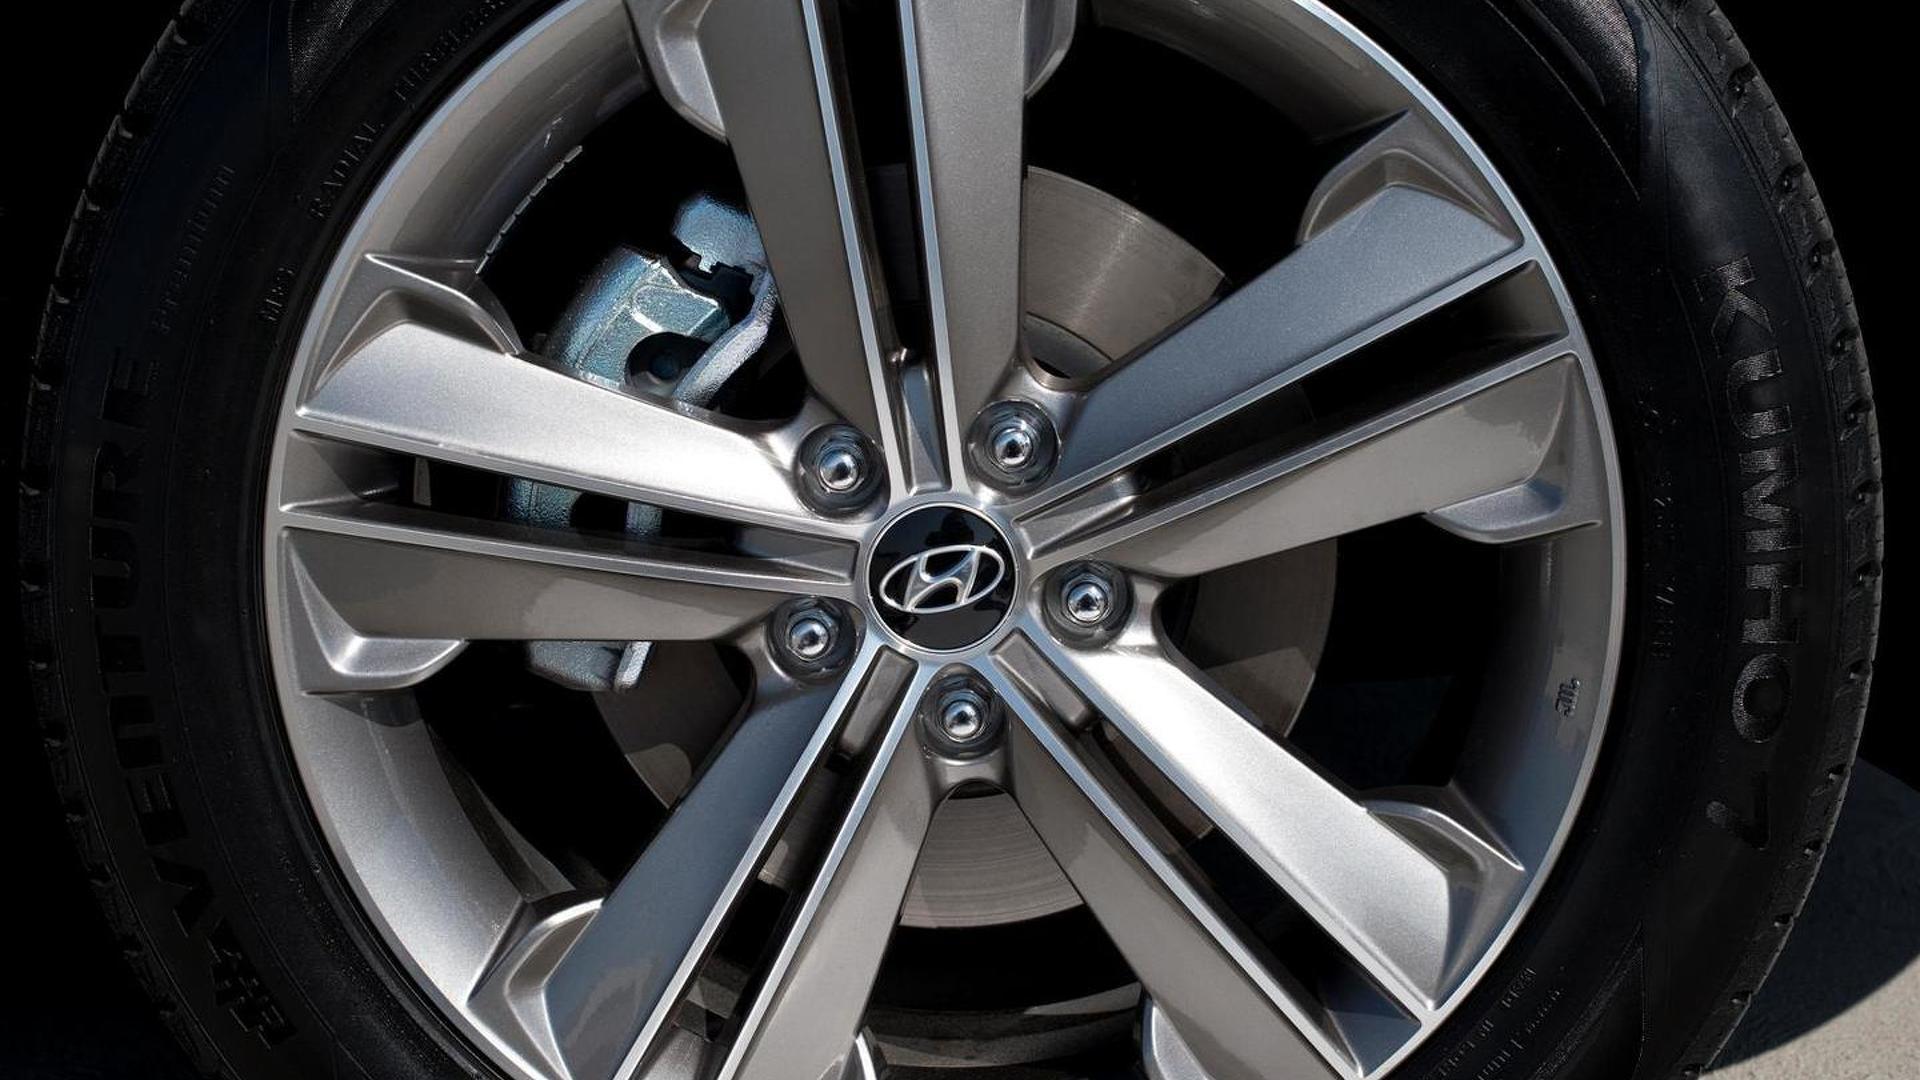 2013 Hyundai Santa Fe with three-row seating makes L.A. debut [video]